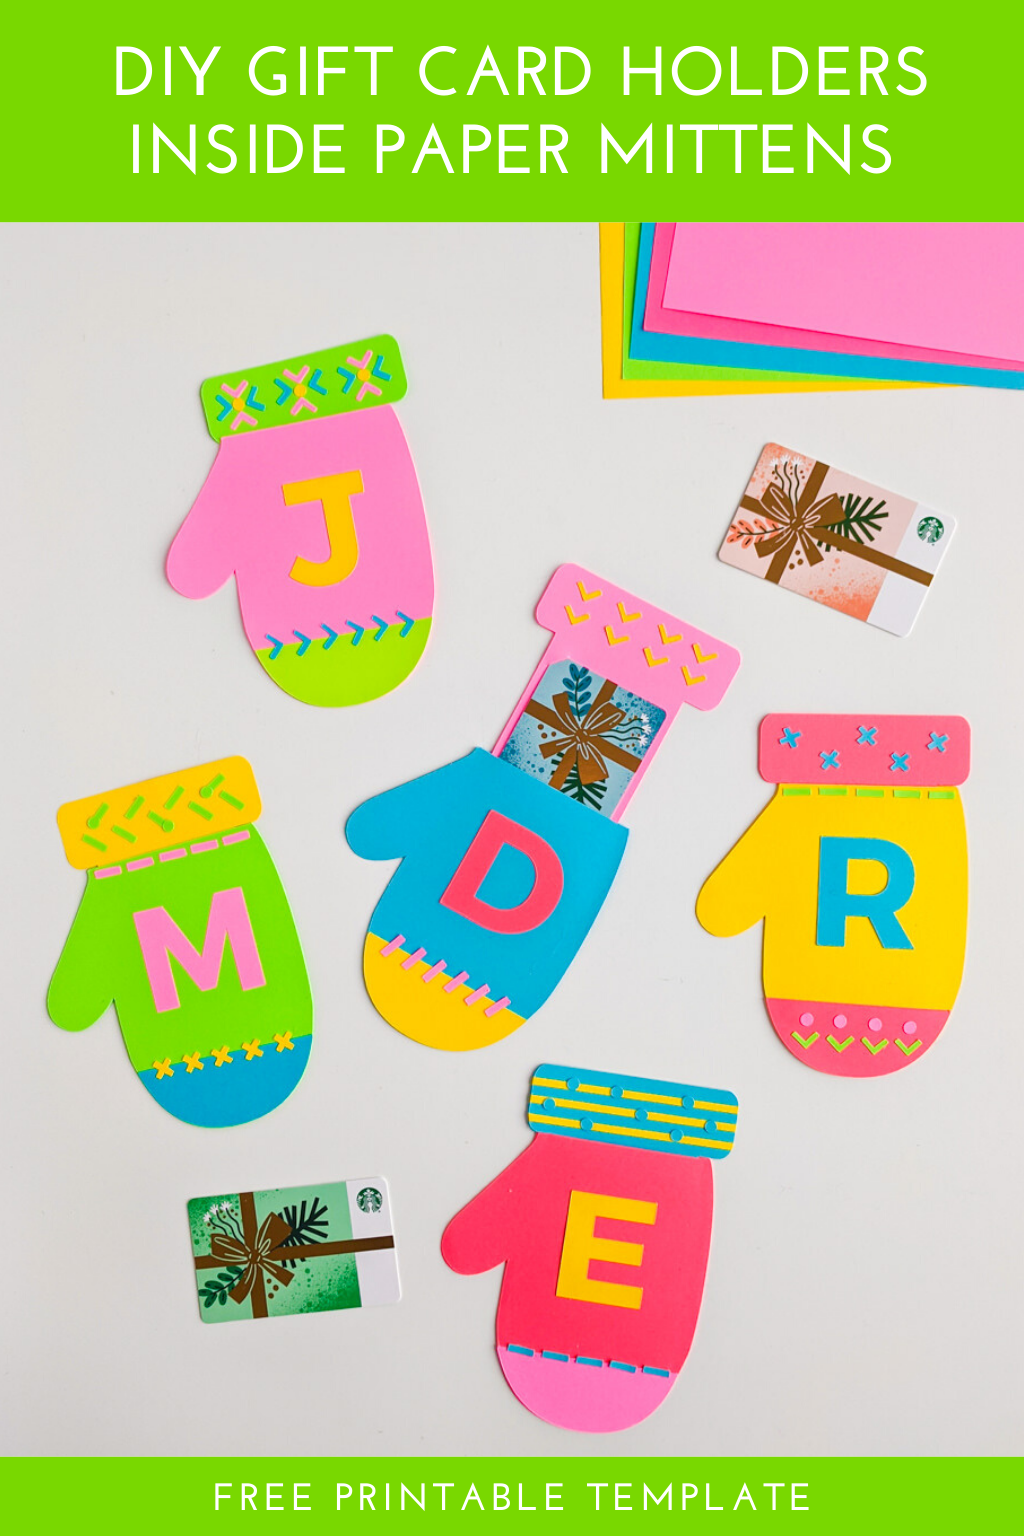 Diy Christmas Gift Card Holder Printable Mittens Template Gift Card Holder Christmas Gift Card Holders Gift Card Holder Template